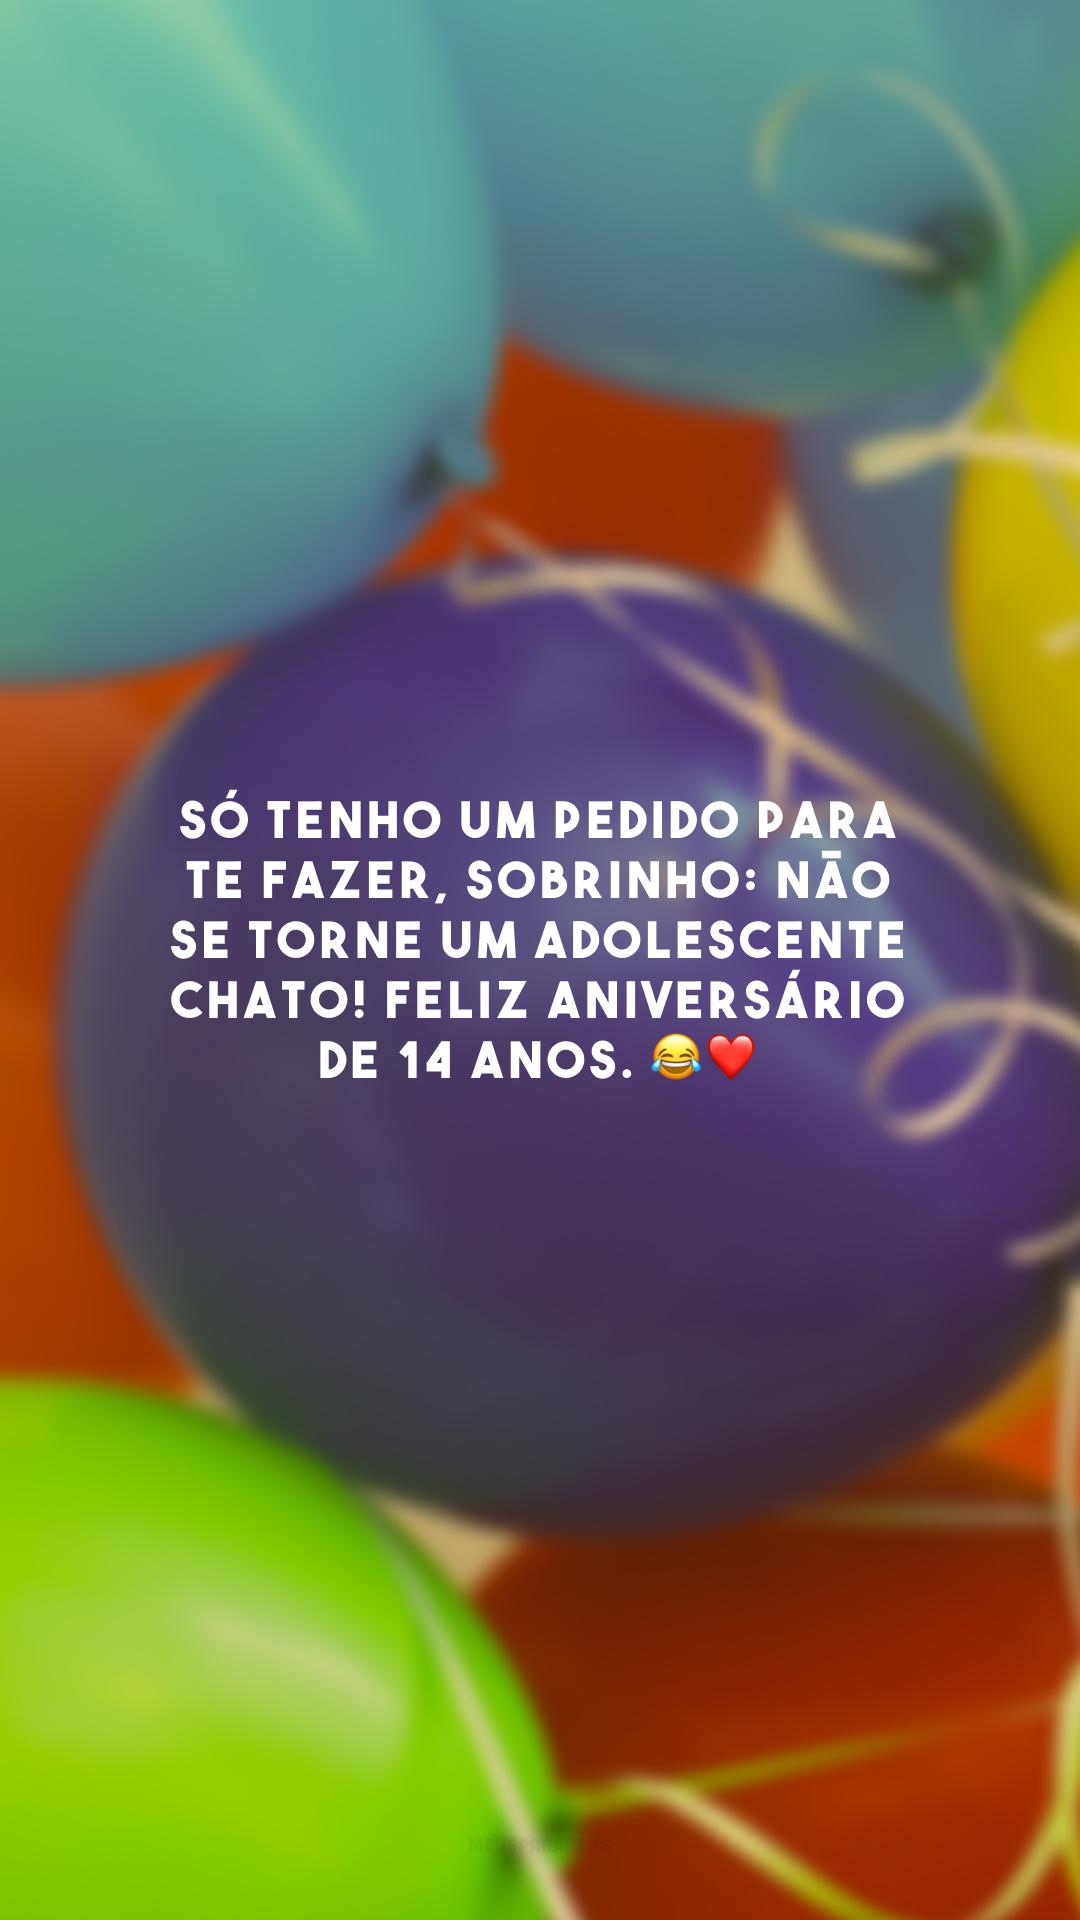 Só tenho um pedido para te fazer, sobrinho: não se torne um adolescente chato! Feliz aniversário de 14 anos. 😂❤️